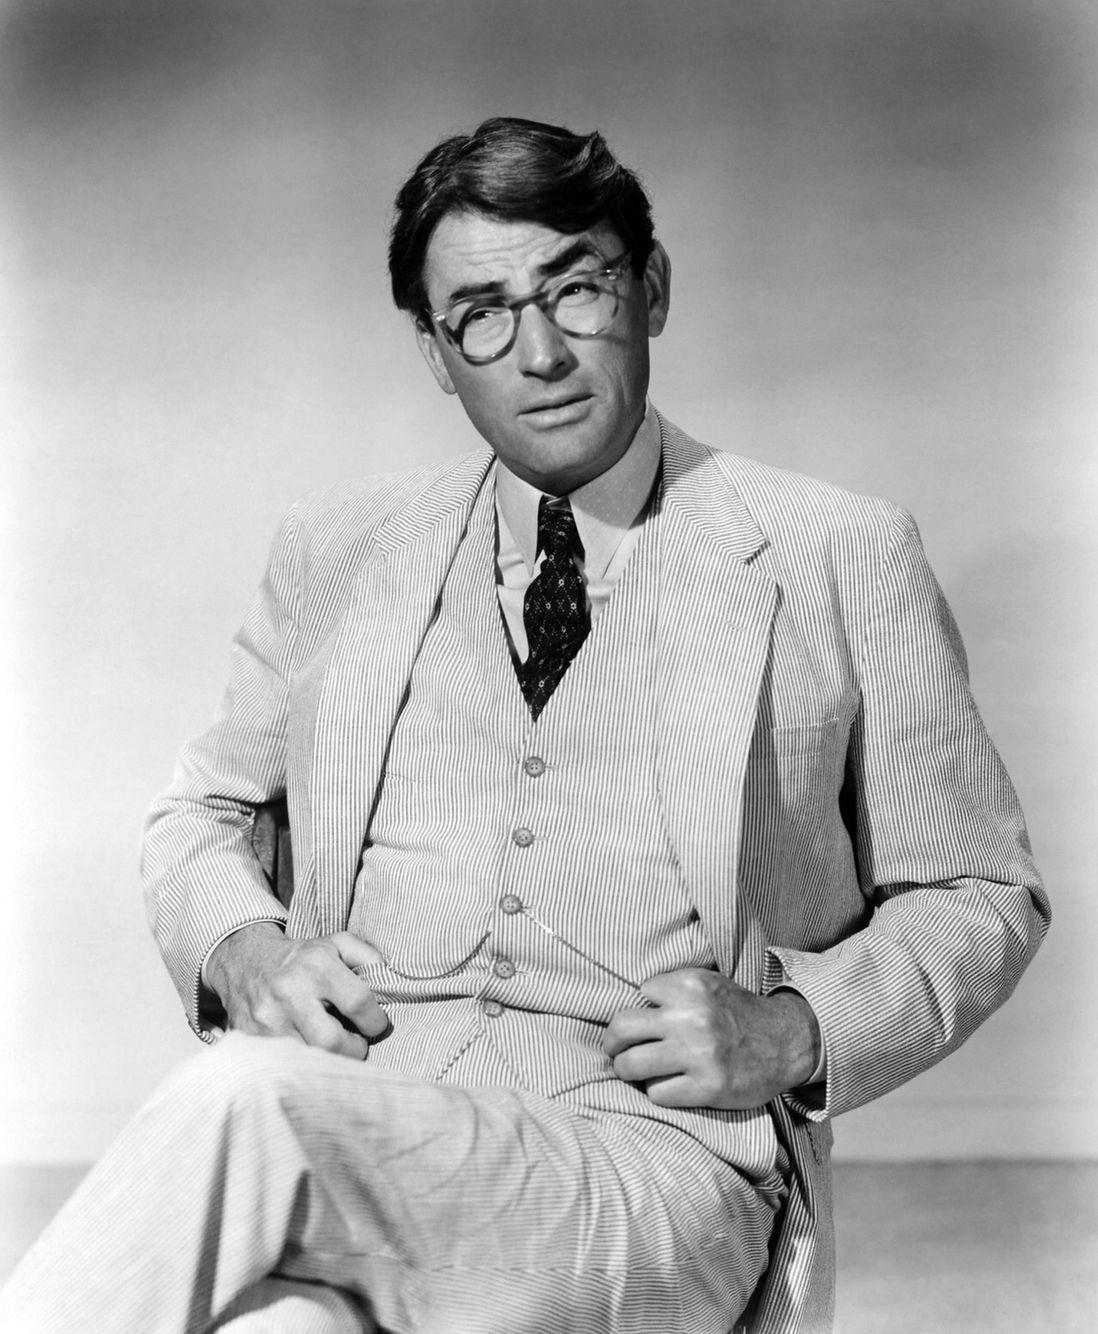 Gregory Peck as Atticus Finch in seersucker Classic